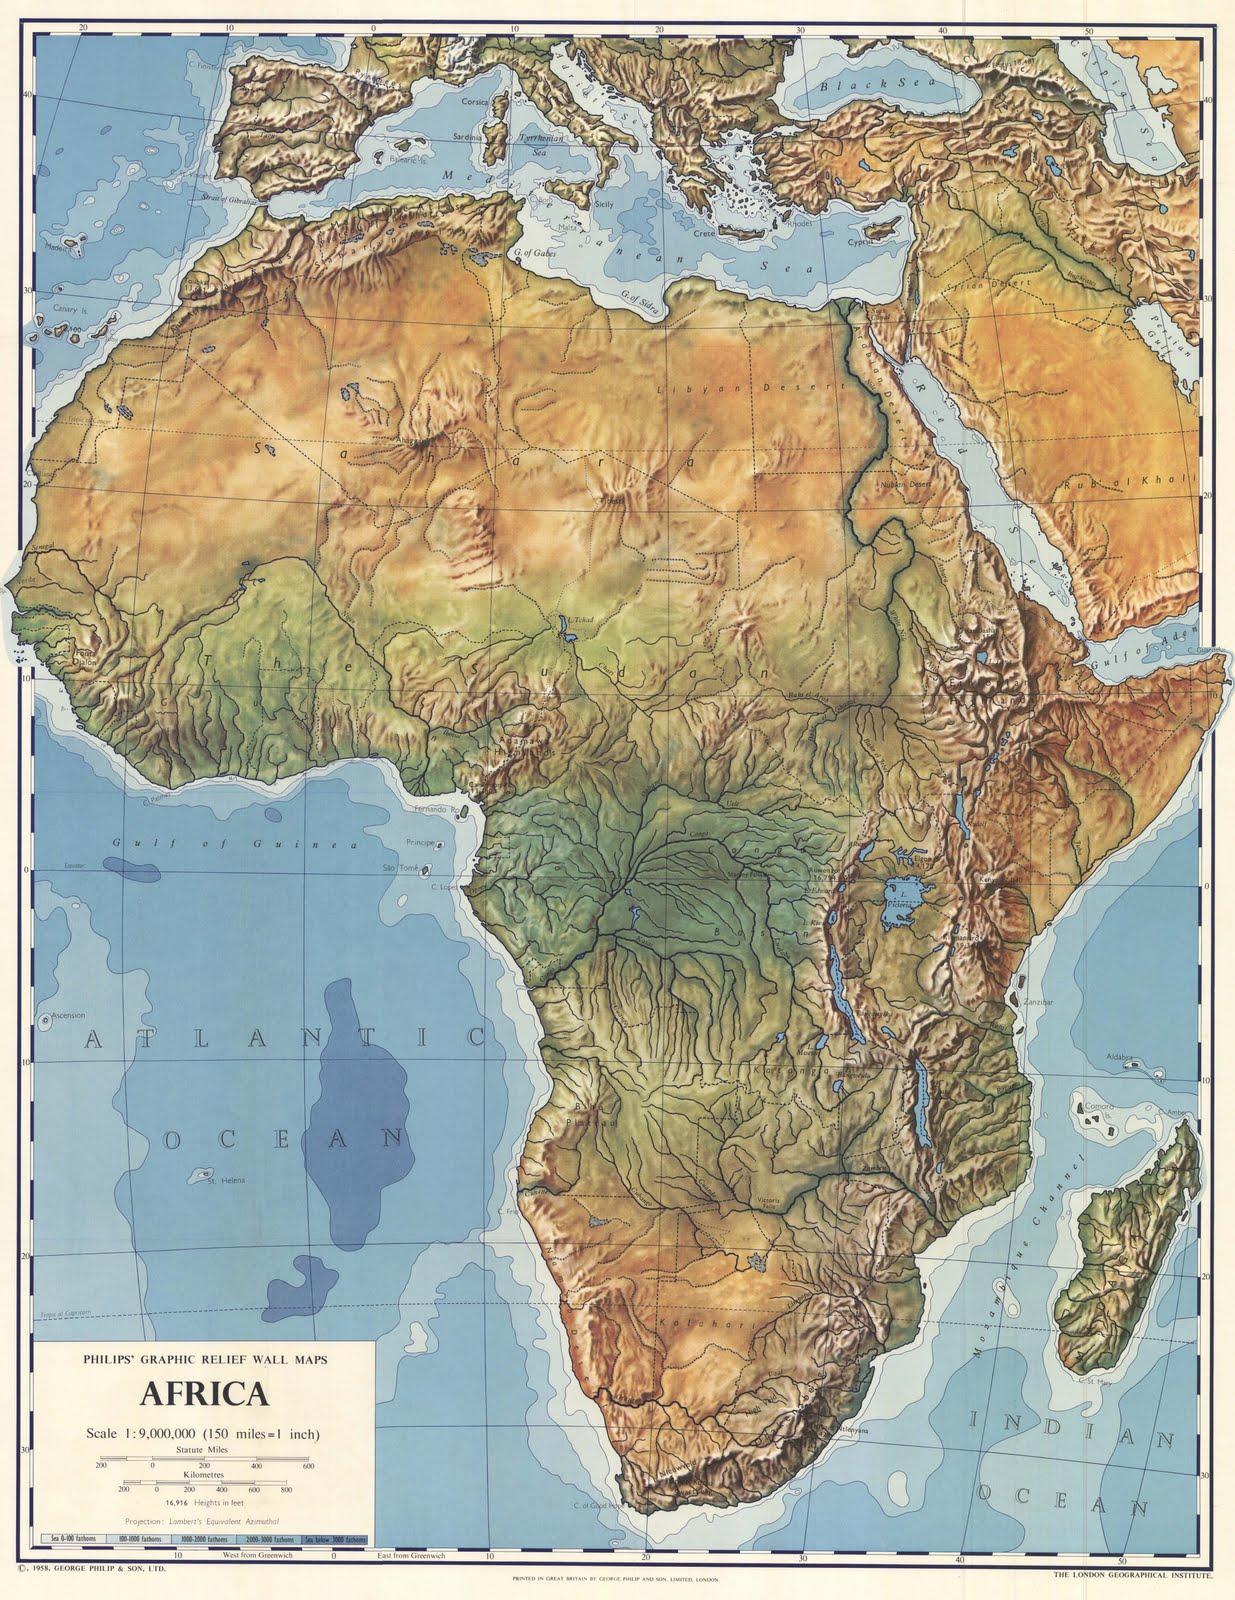 Mapa de África en 1958 (en inglés)